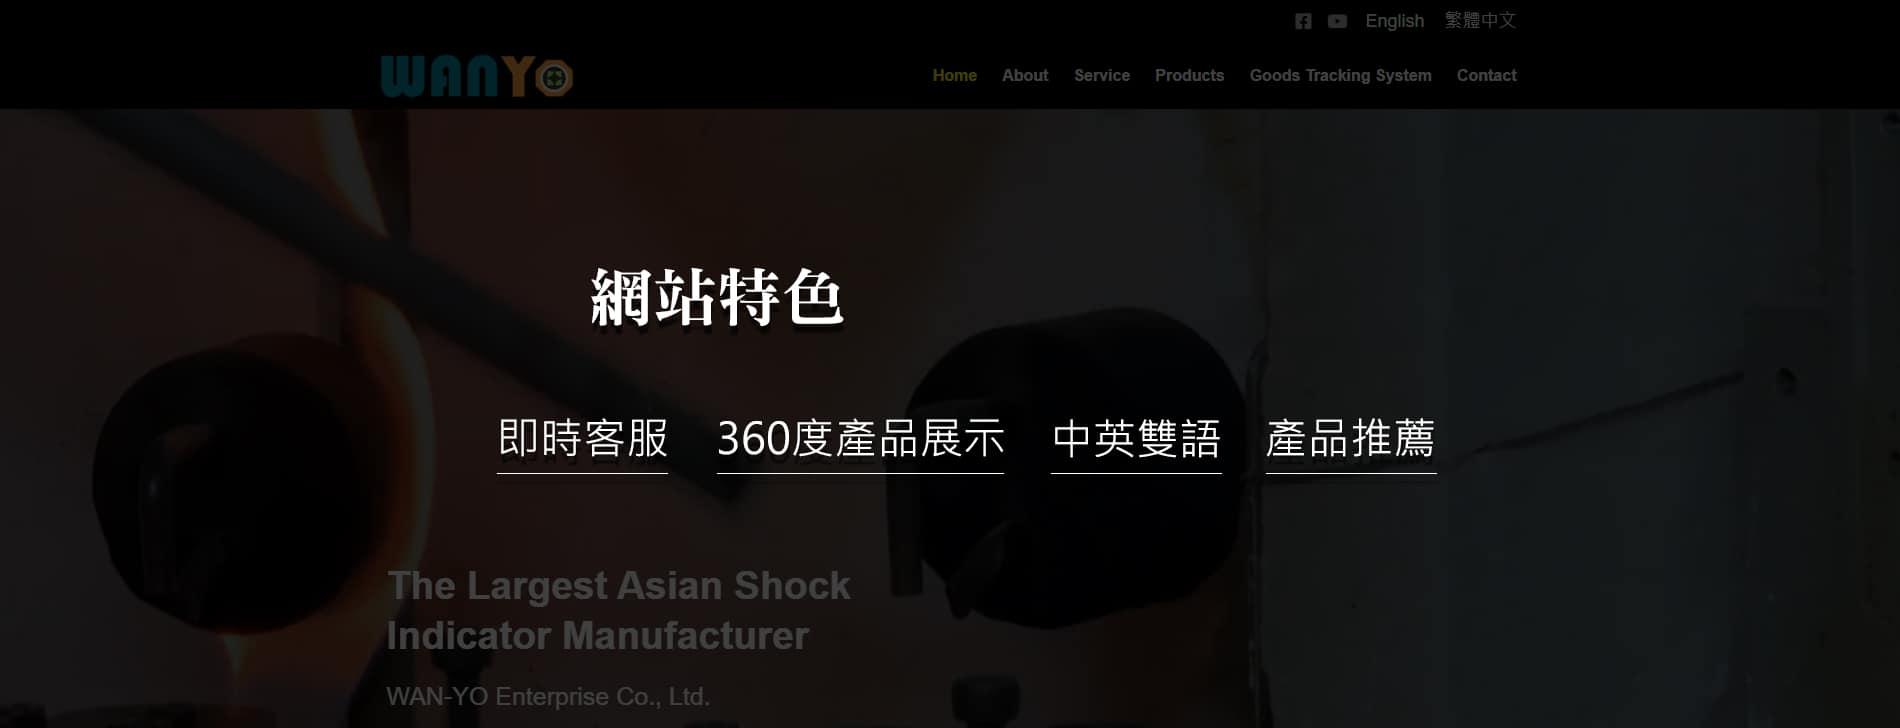 網站功能介紹